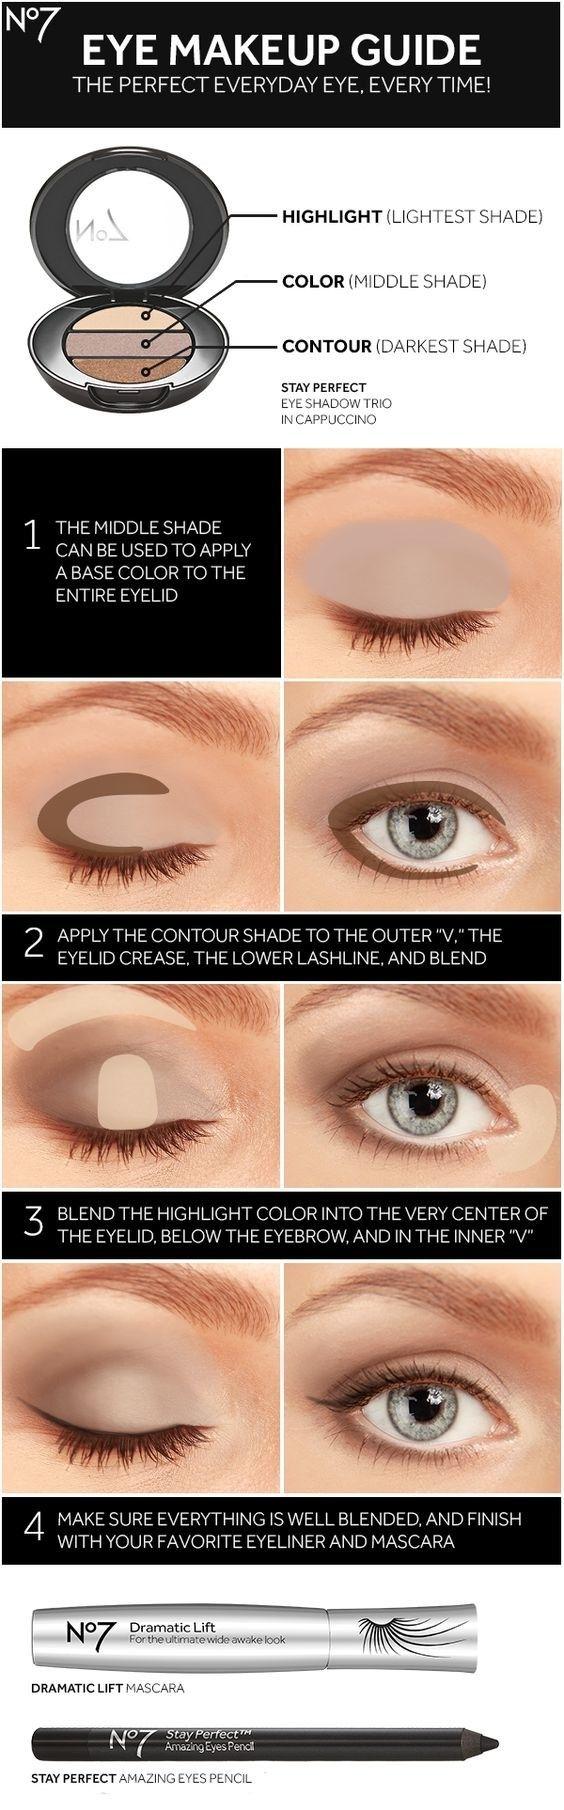 ¿No sabes ni por dónde empezar al aplicar tus sombras? Aquí la respuesta: 18 Brillantes trucos para volverte una experta del maquillaje